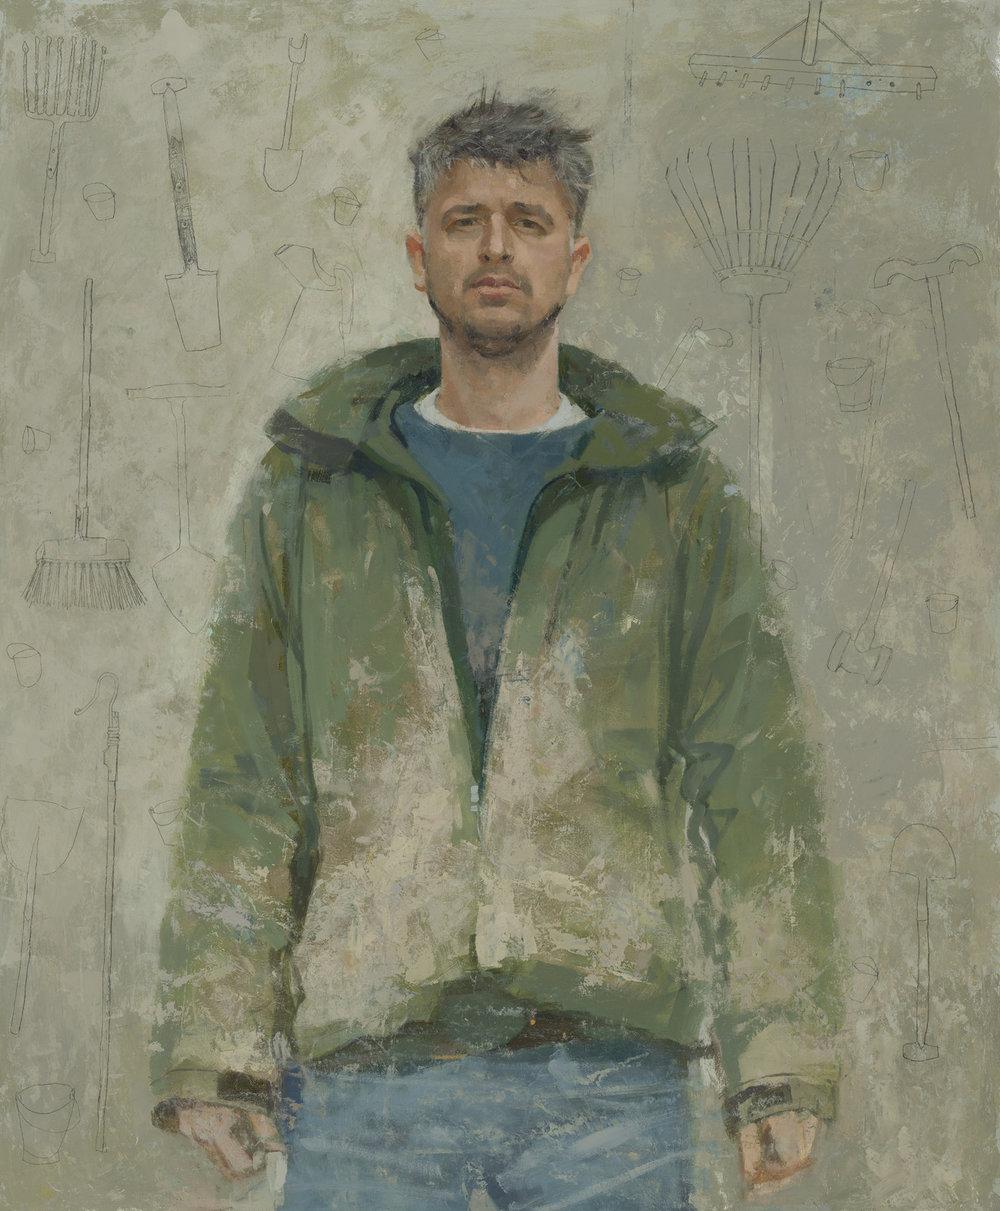 spa winner - helen Wilson's portrait of jonah from kittyfield farm